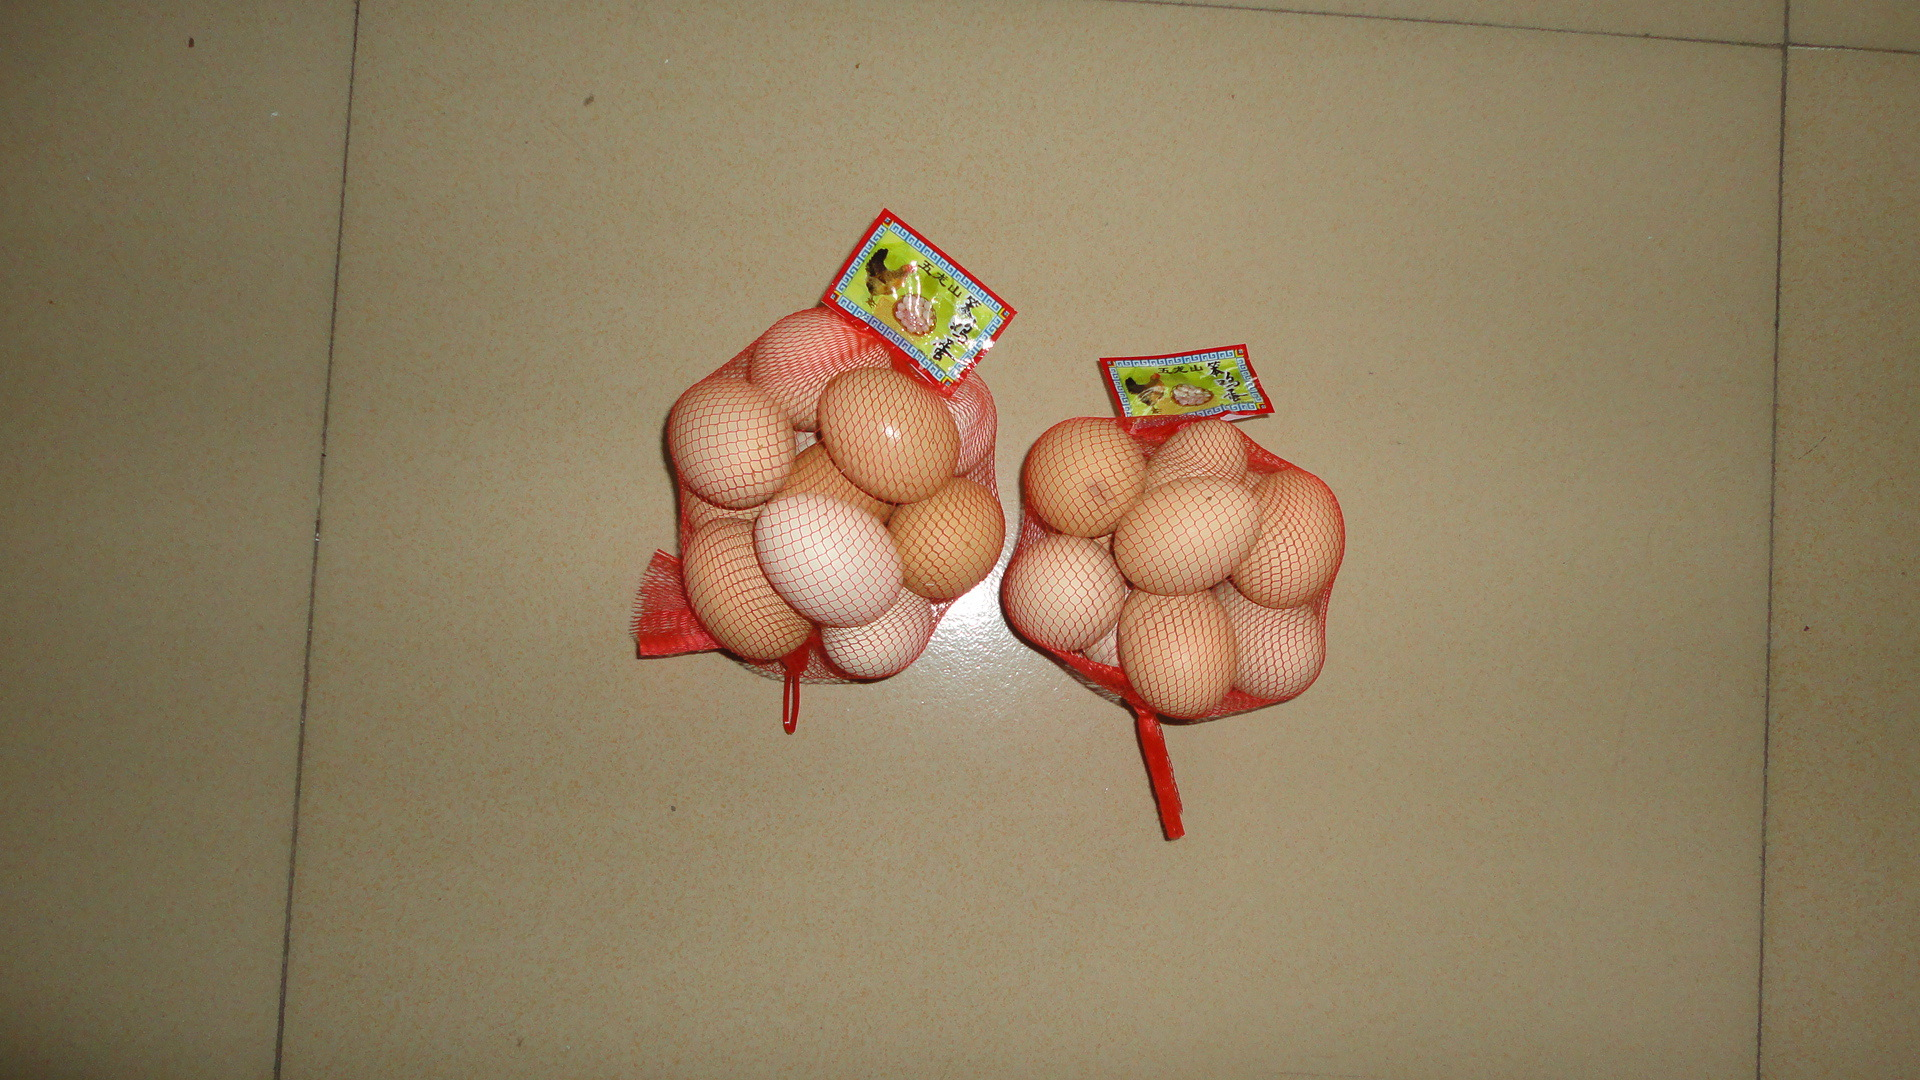 生产销售 鸡蛋尼龙网袋 鸡蛋包装网袋批发